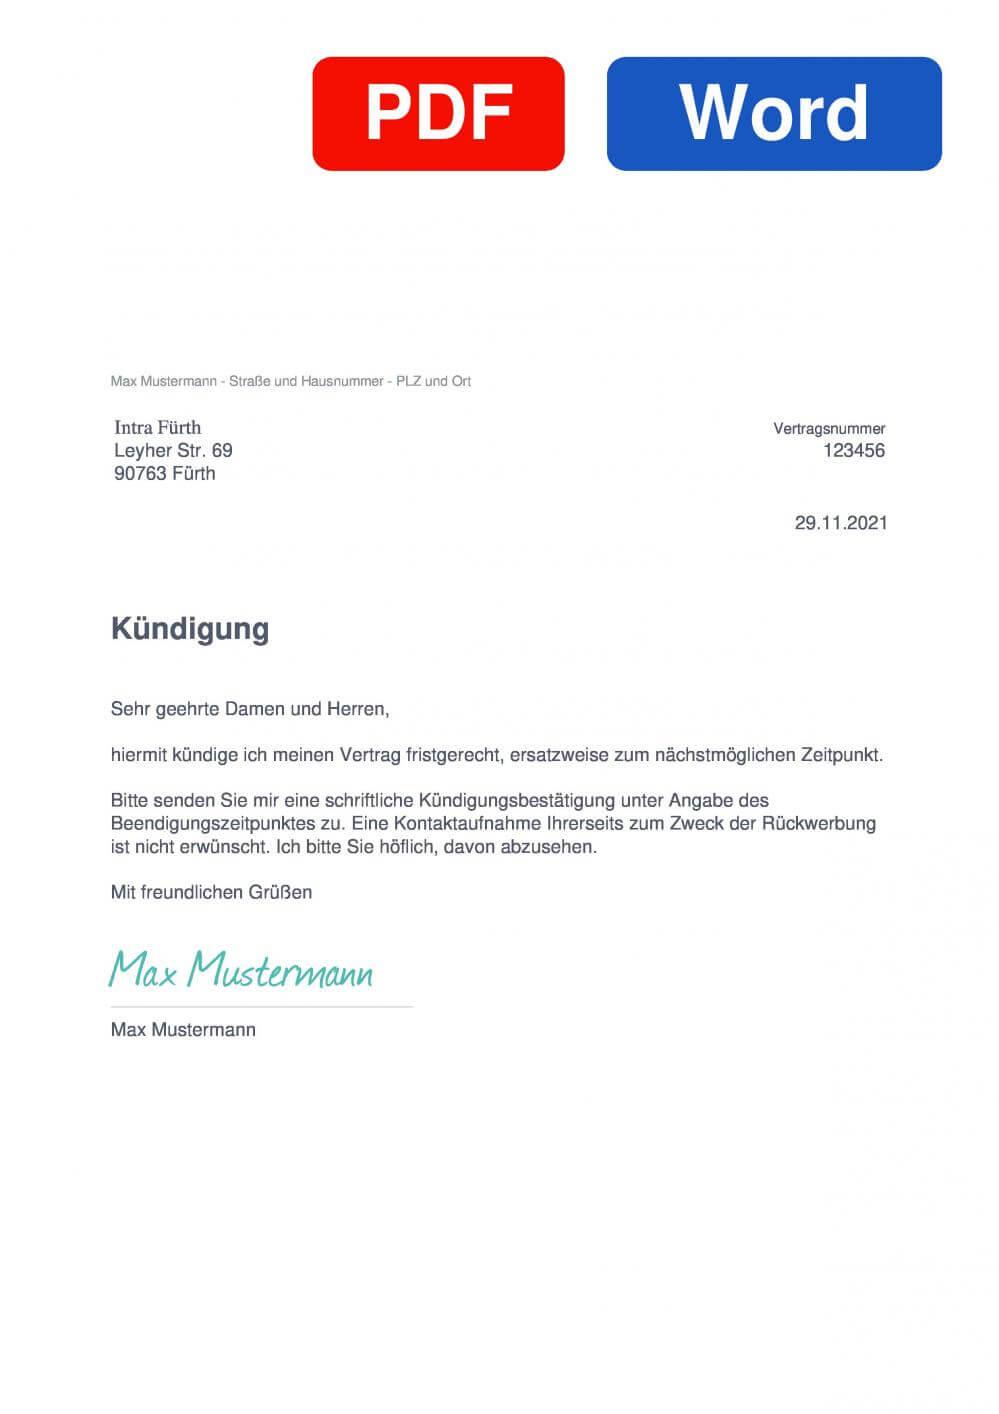 Infra Fürth Muster Vorlage für Kündigungsschreiben